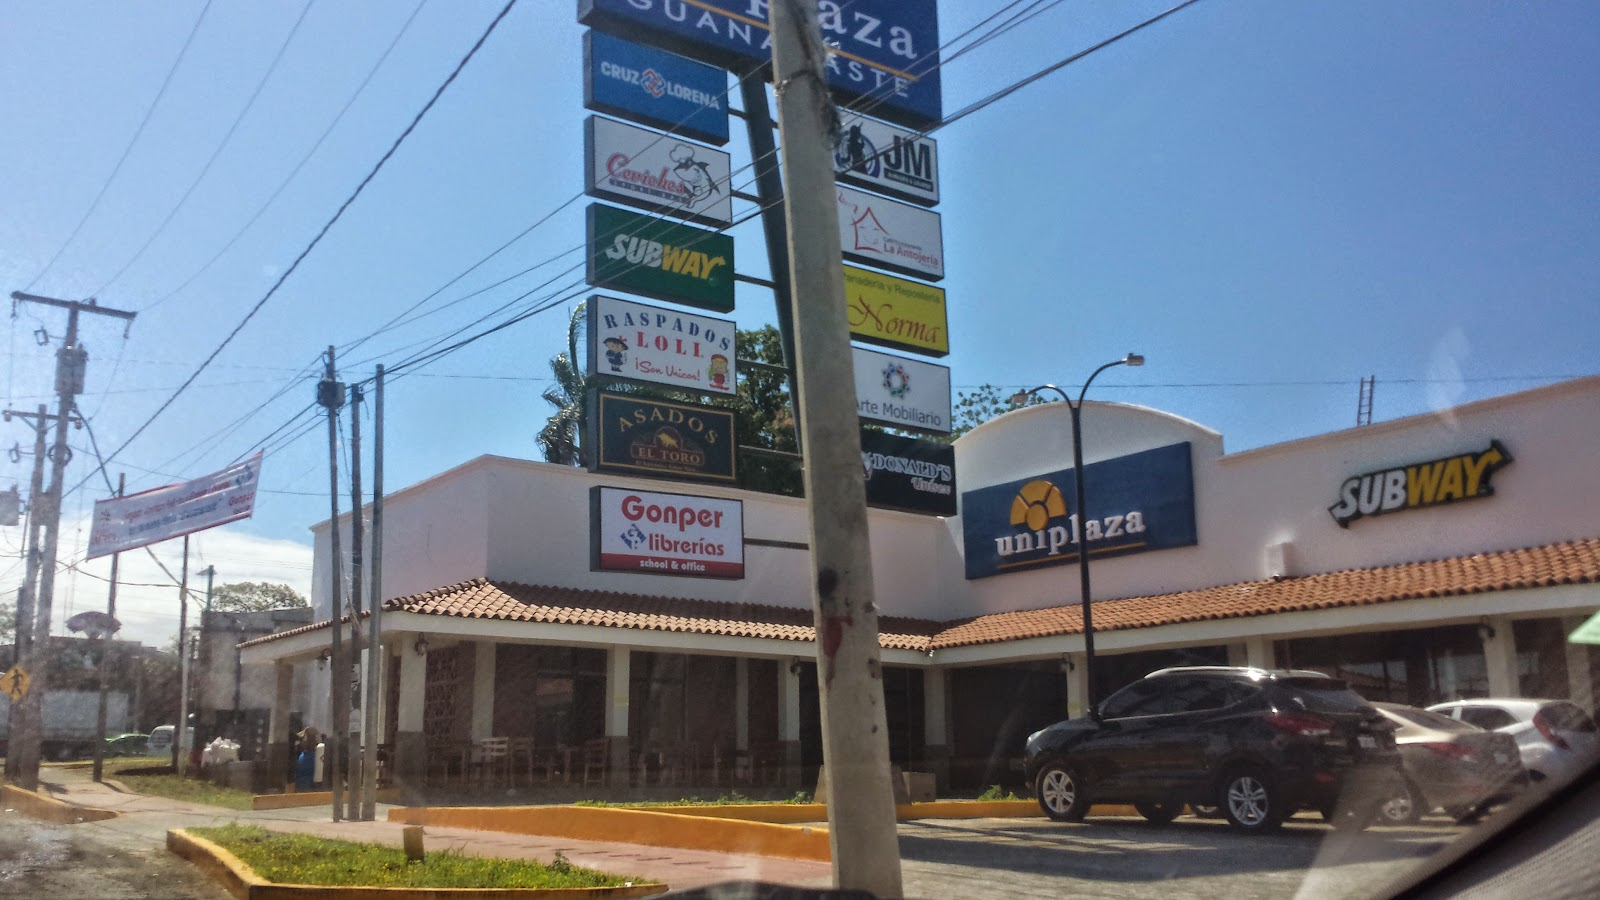 Uniplaza Guanacaste Managua